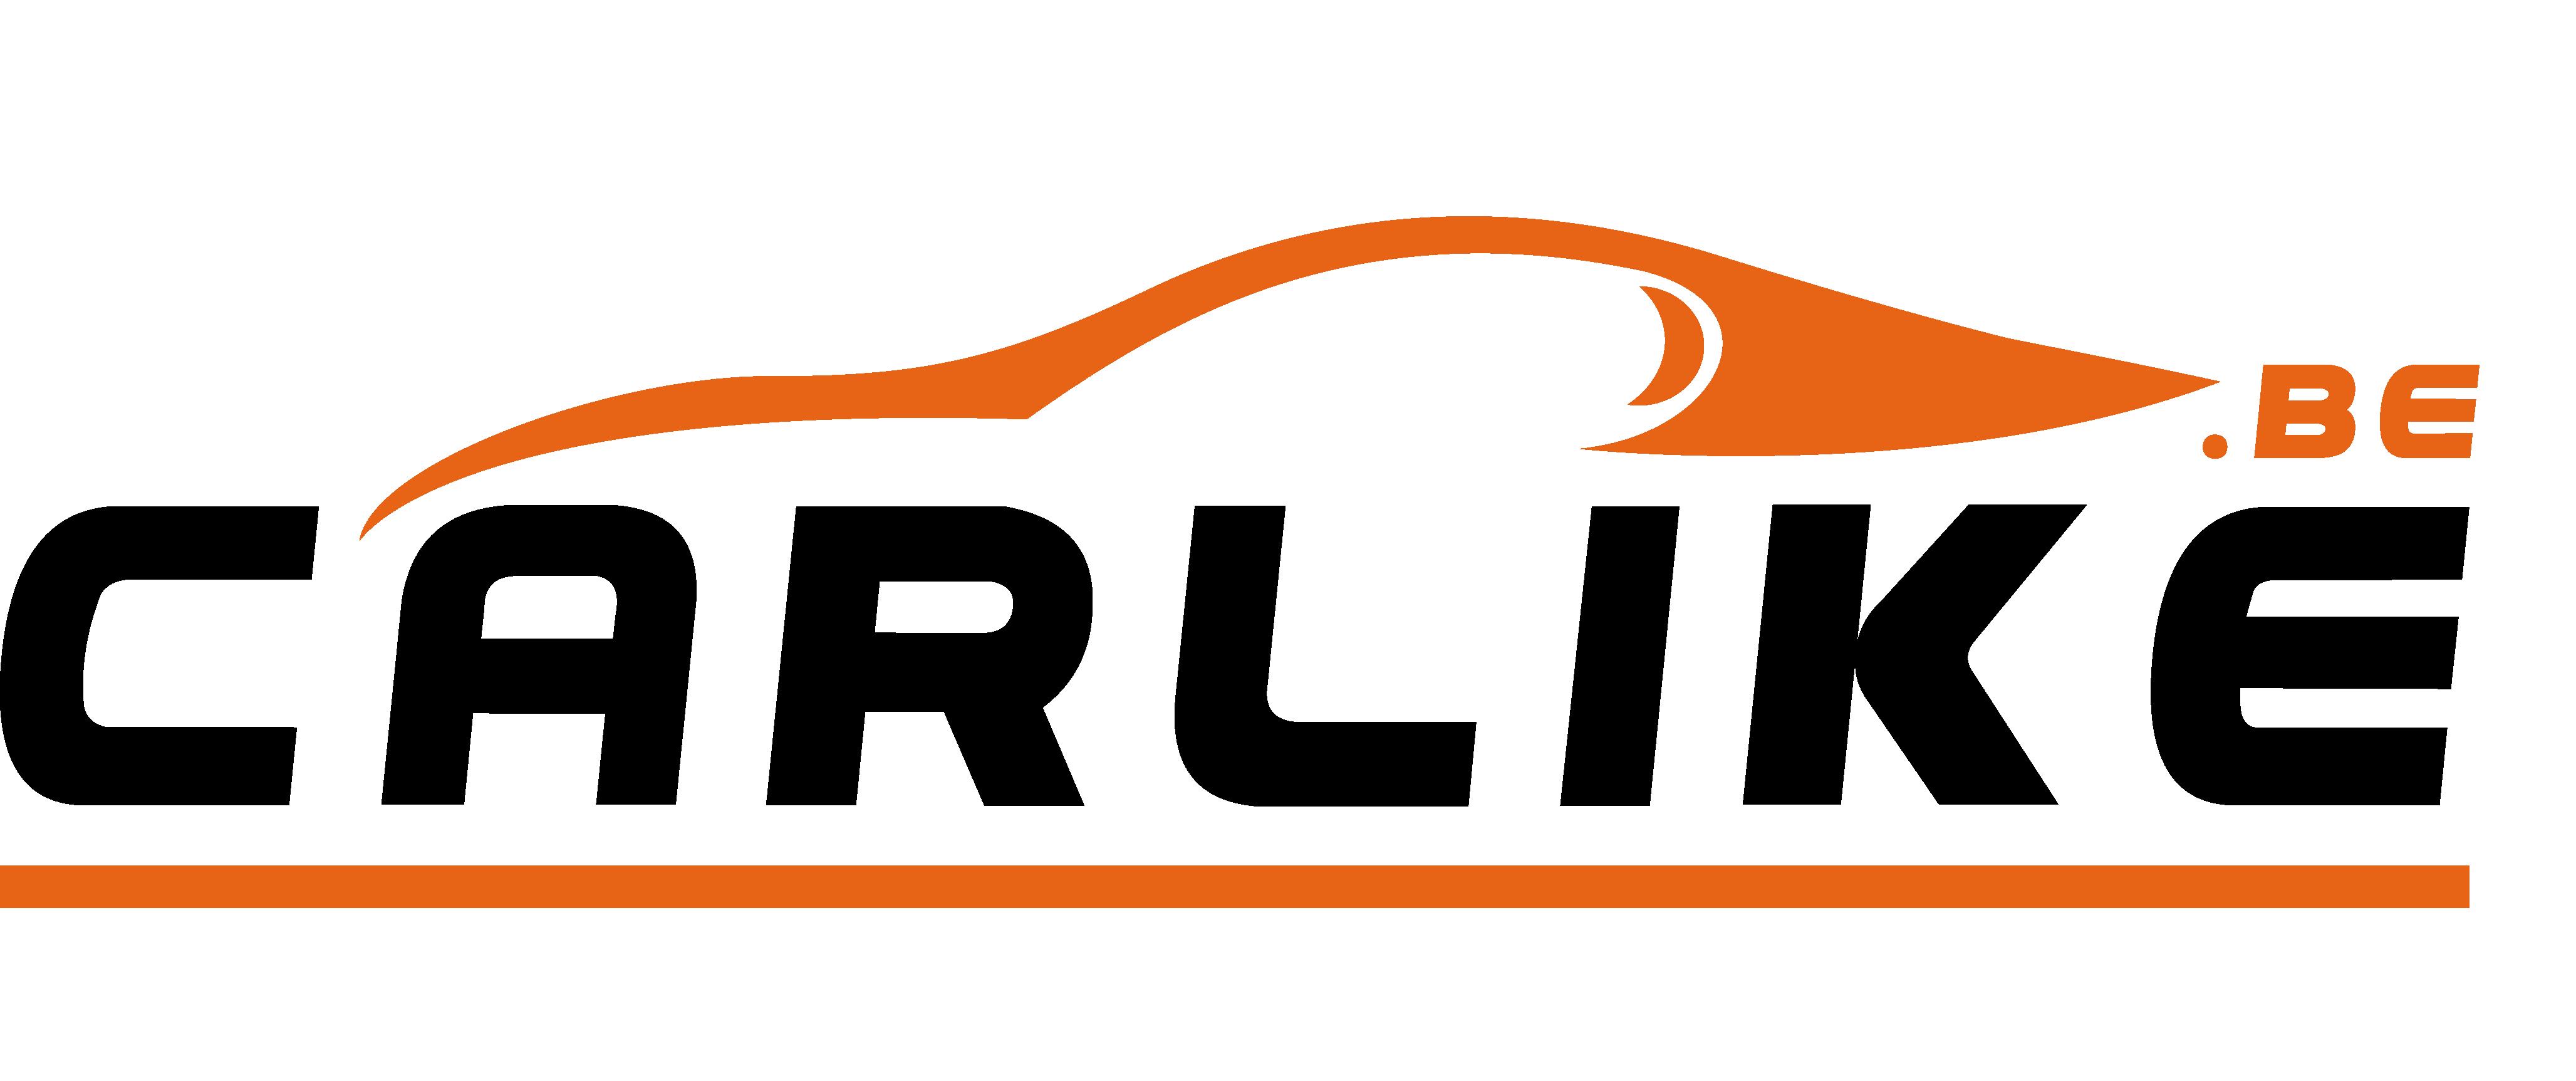 Depuis 2003, nous sommes spécialisés dans le rachat et la vente de véhicules d'occasion.